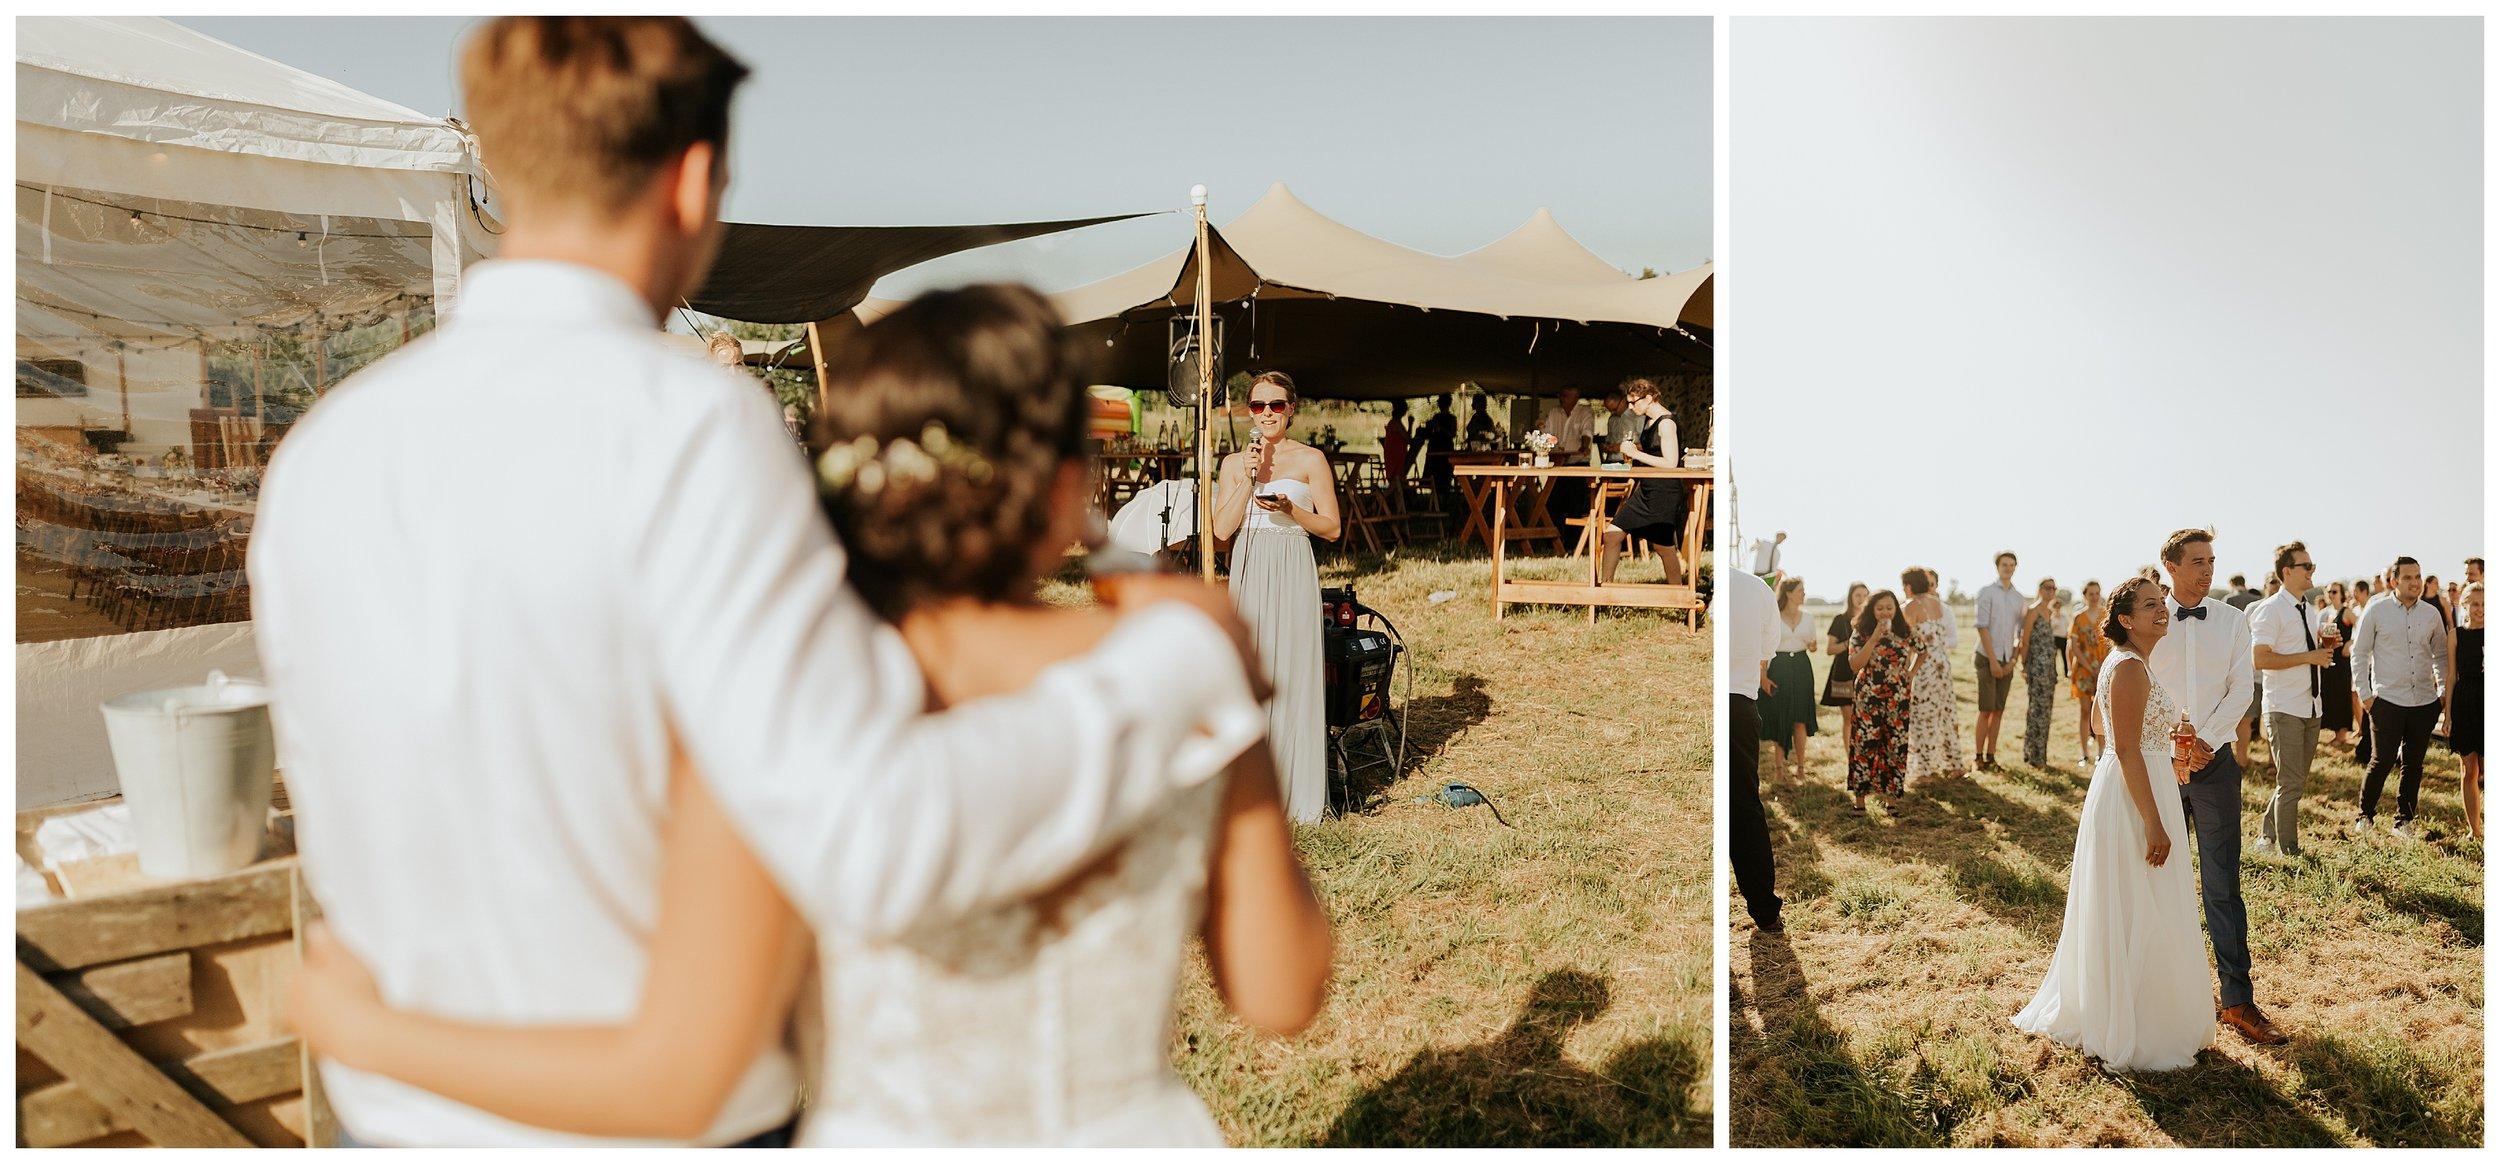 huwelijksfotograaf-huwelijksfotografie-knokke-heist-lisa-helsen-photography-trouwfotograaf-trouwfoto-sabine-pieter_0023.jpg